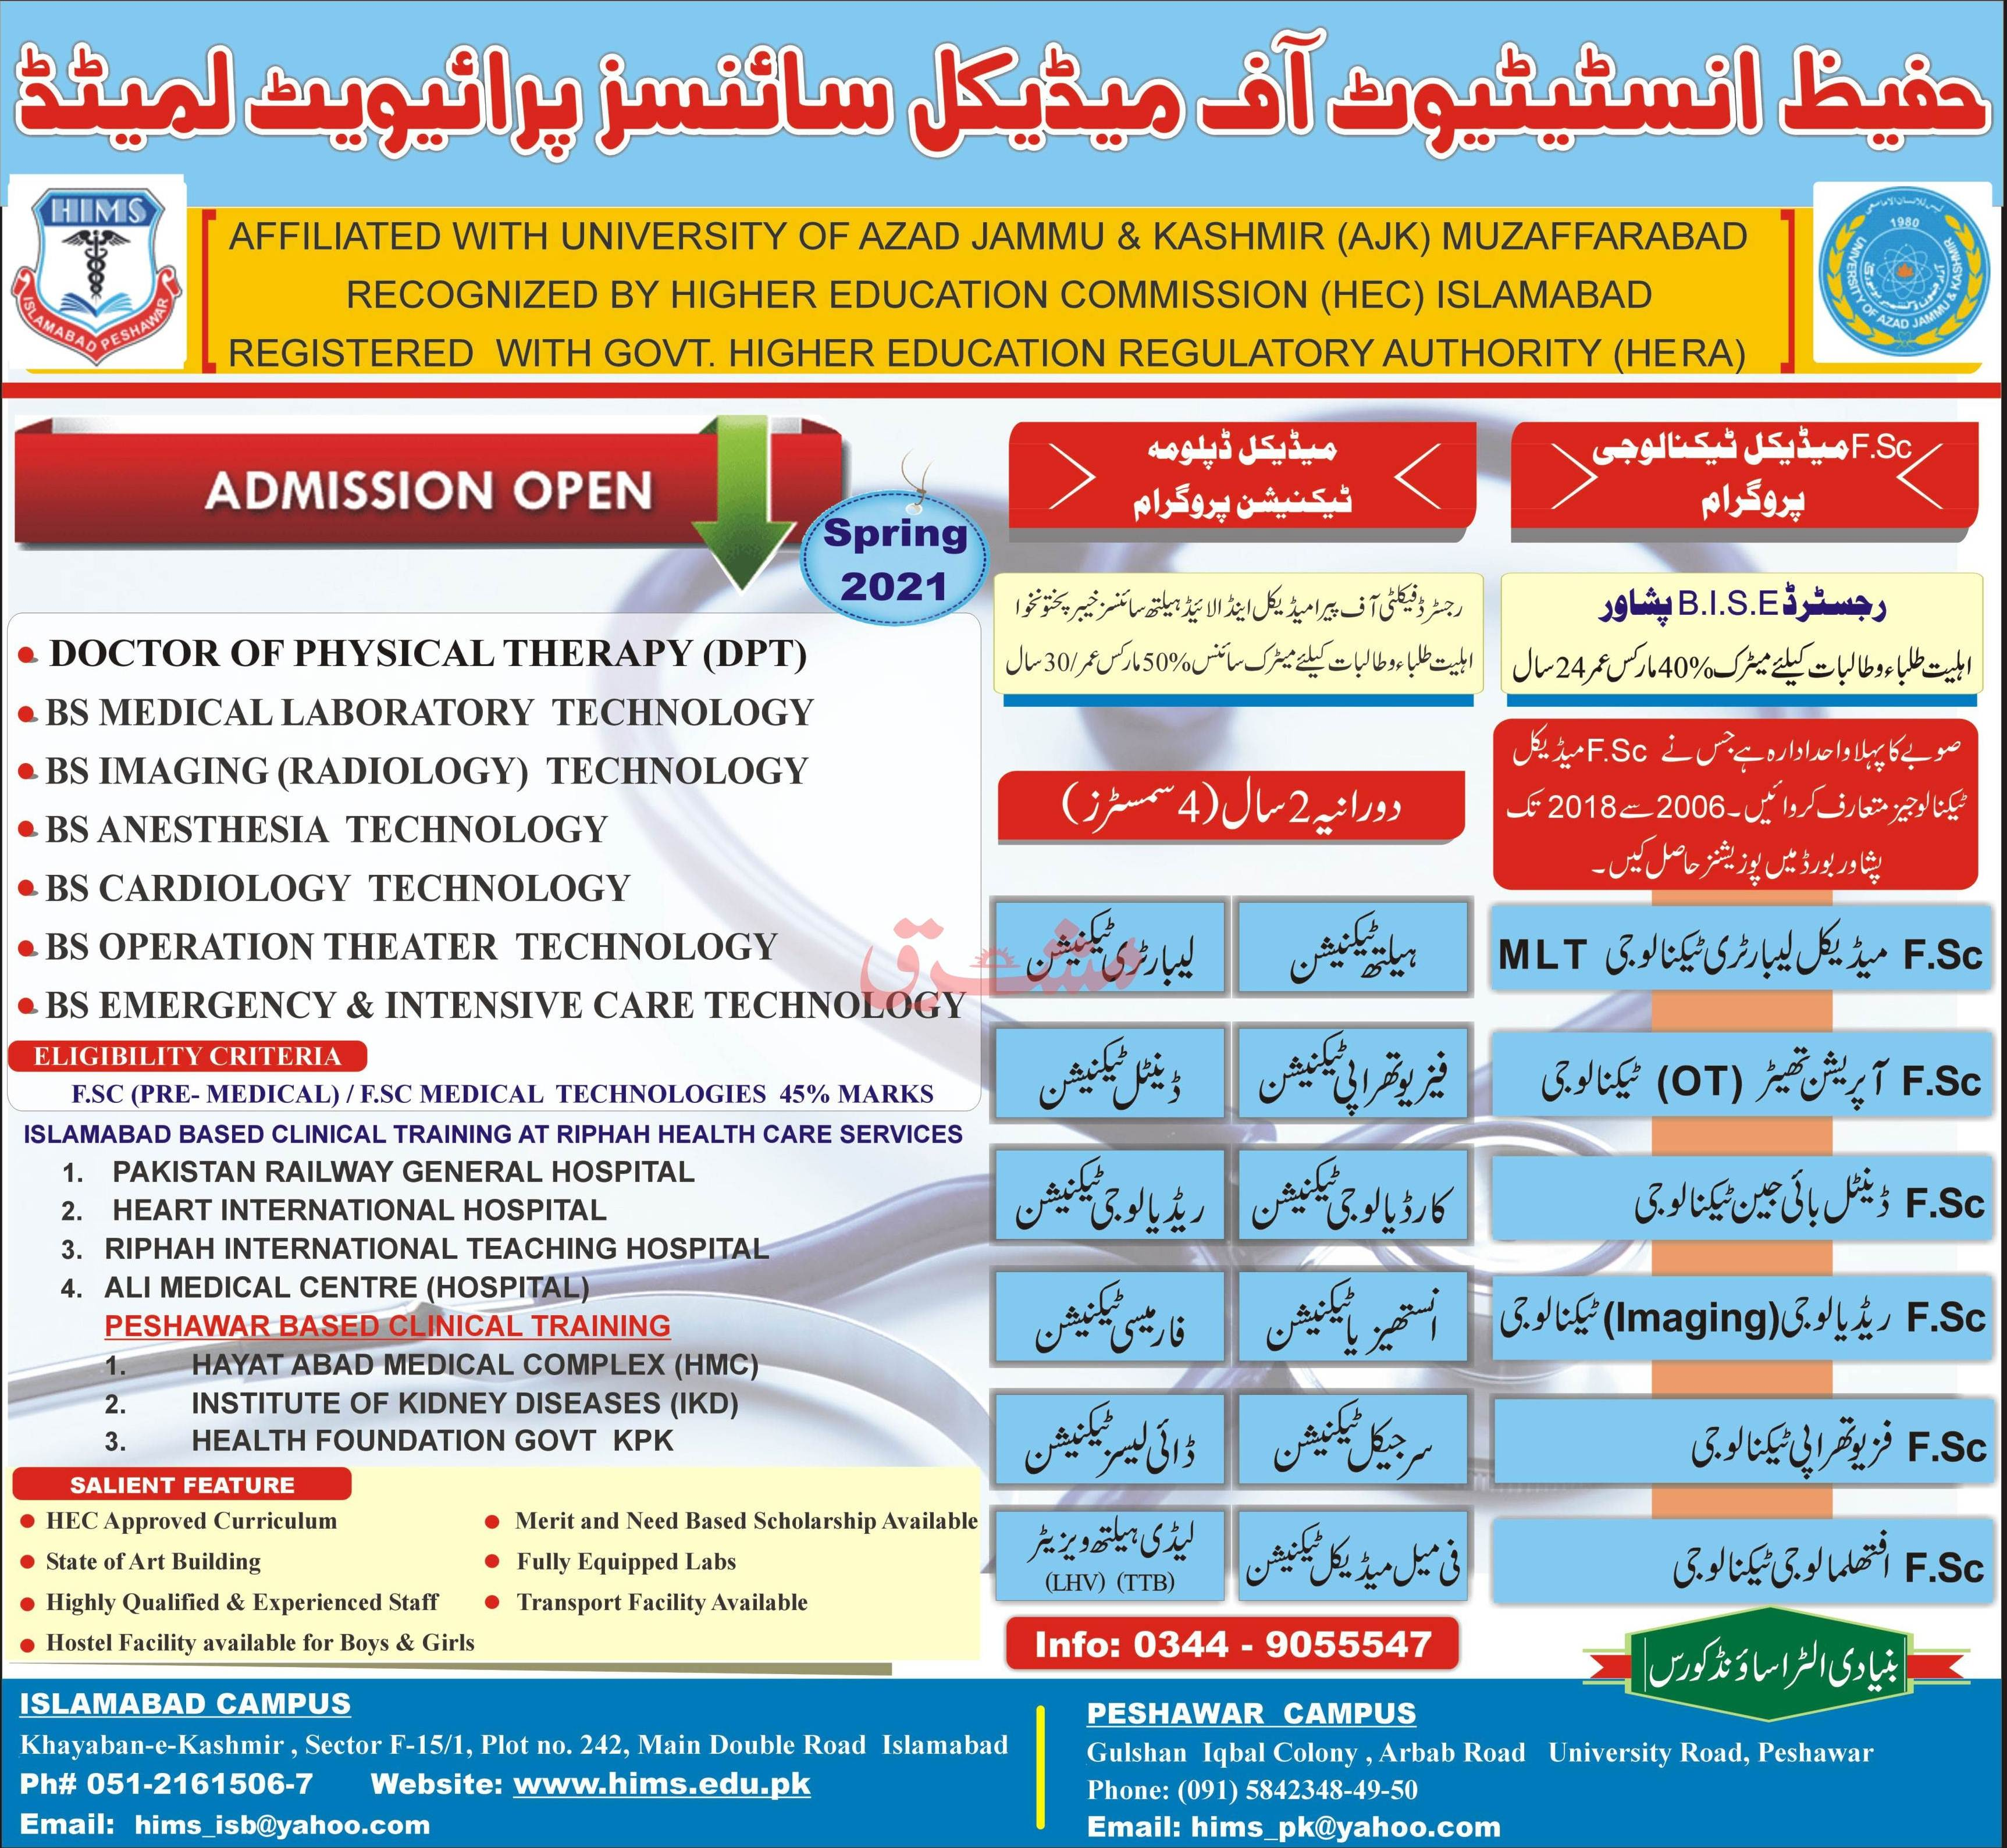 Hafeez Institute of Medical Sciences HIMS Admission 2021